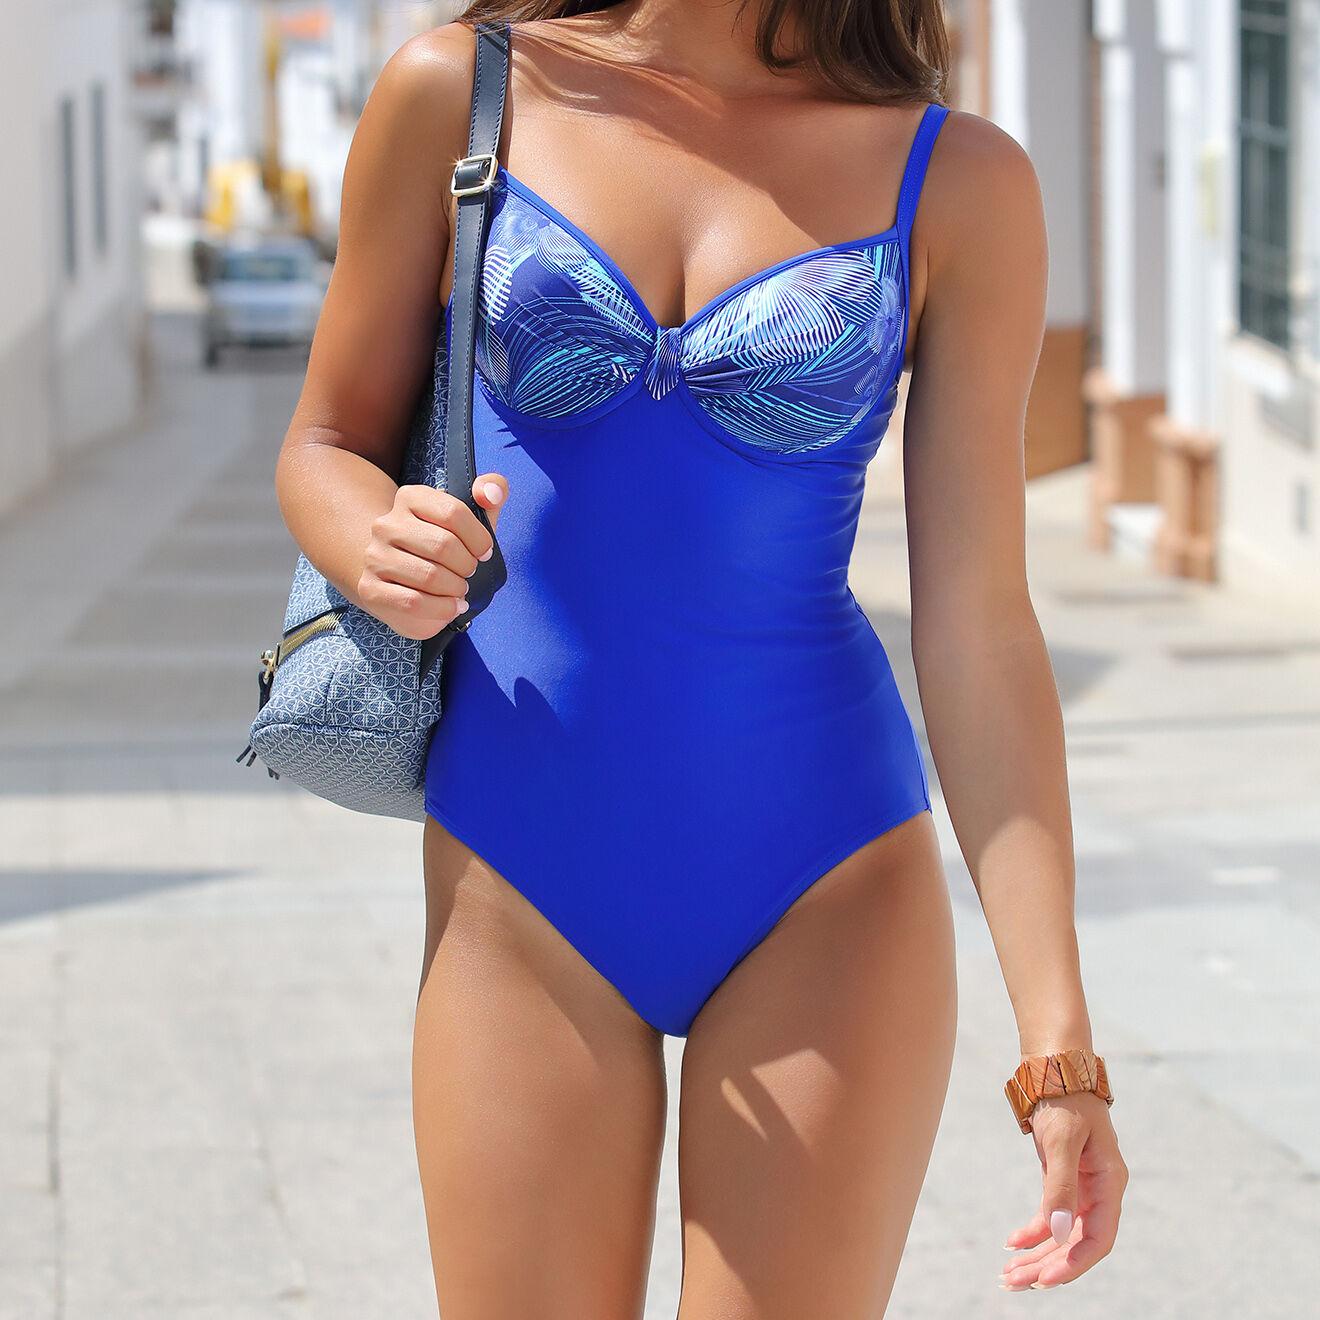 Maillot de bain 1 Pièce Emma imprimé bleu